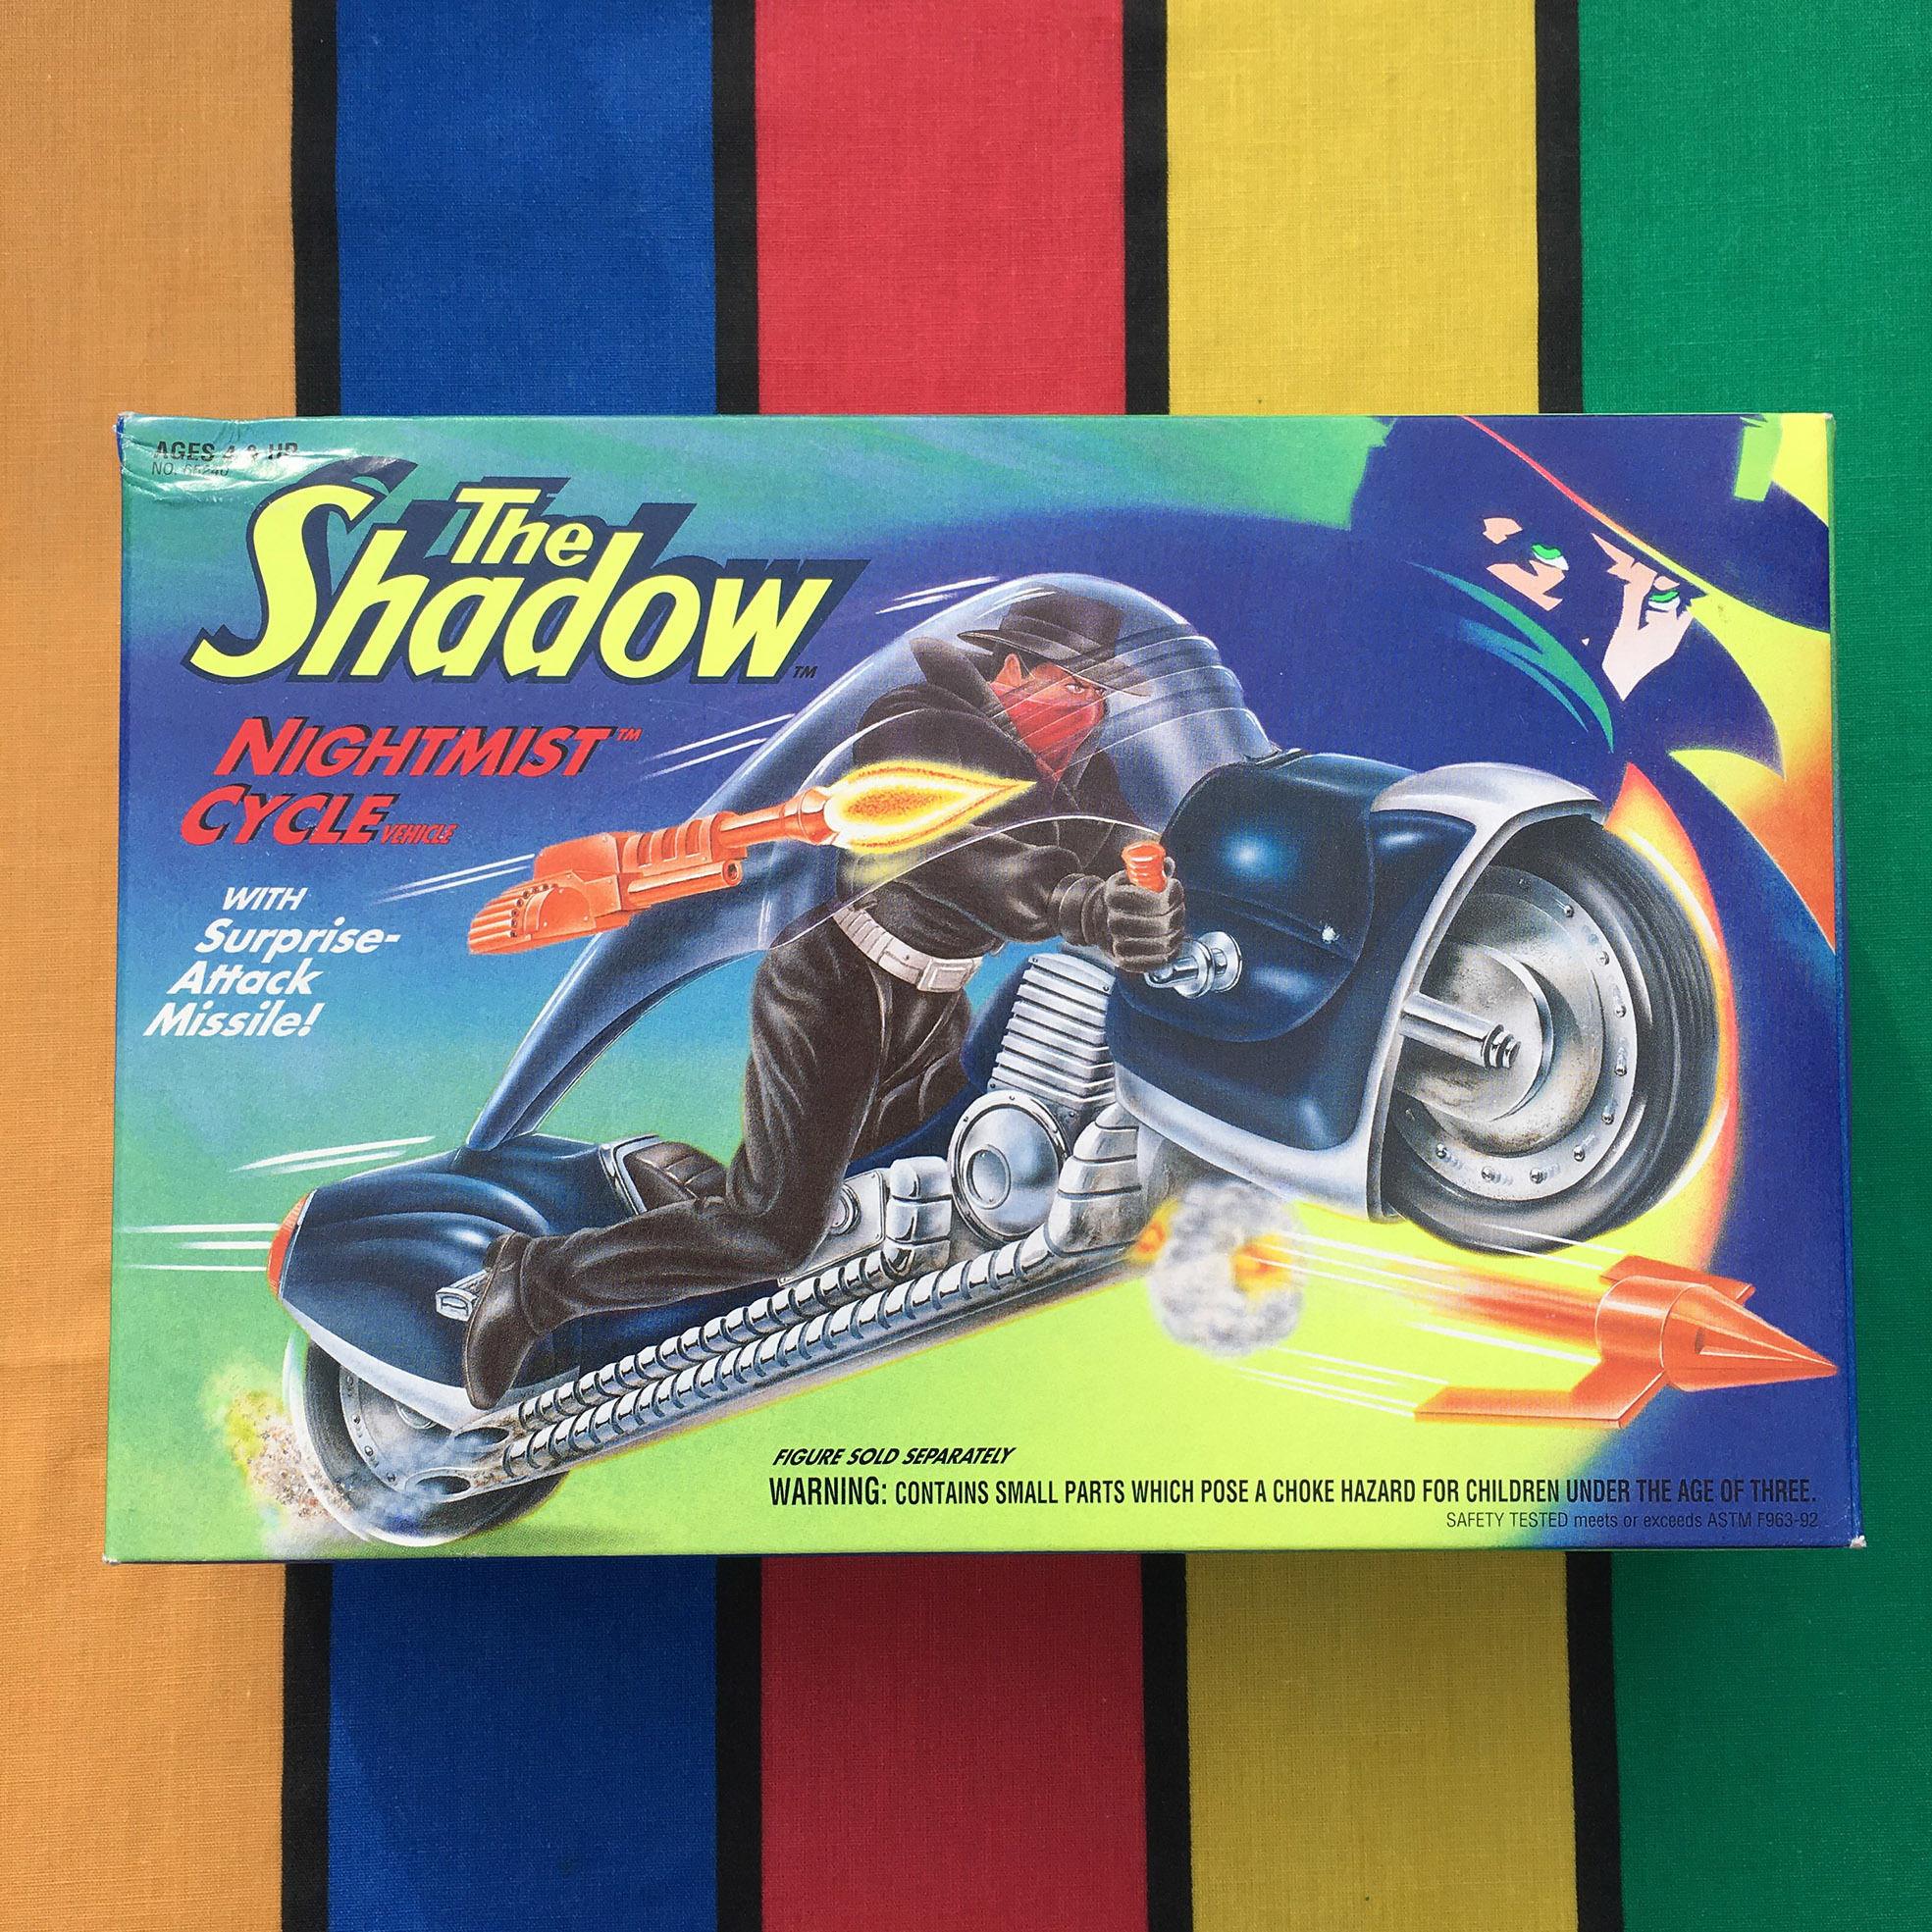 The Shadow Nightmist Cycle/シャドー ナイトミストサイクル フィギュア/161014-7